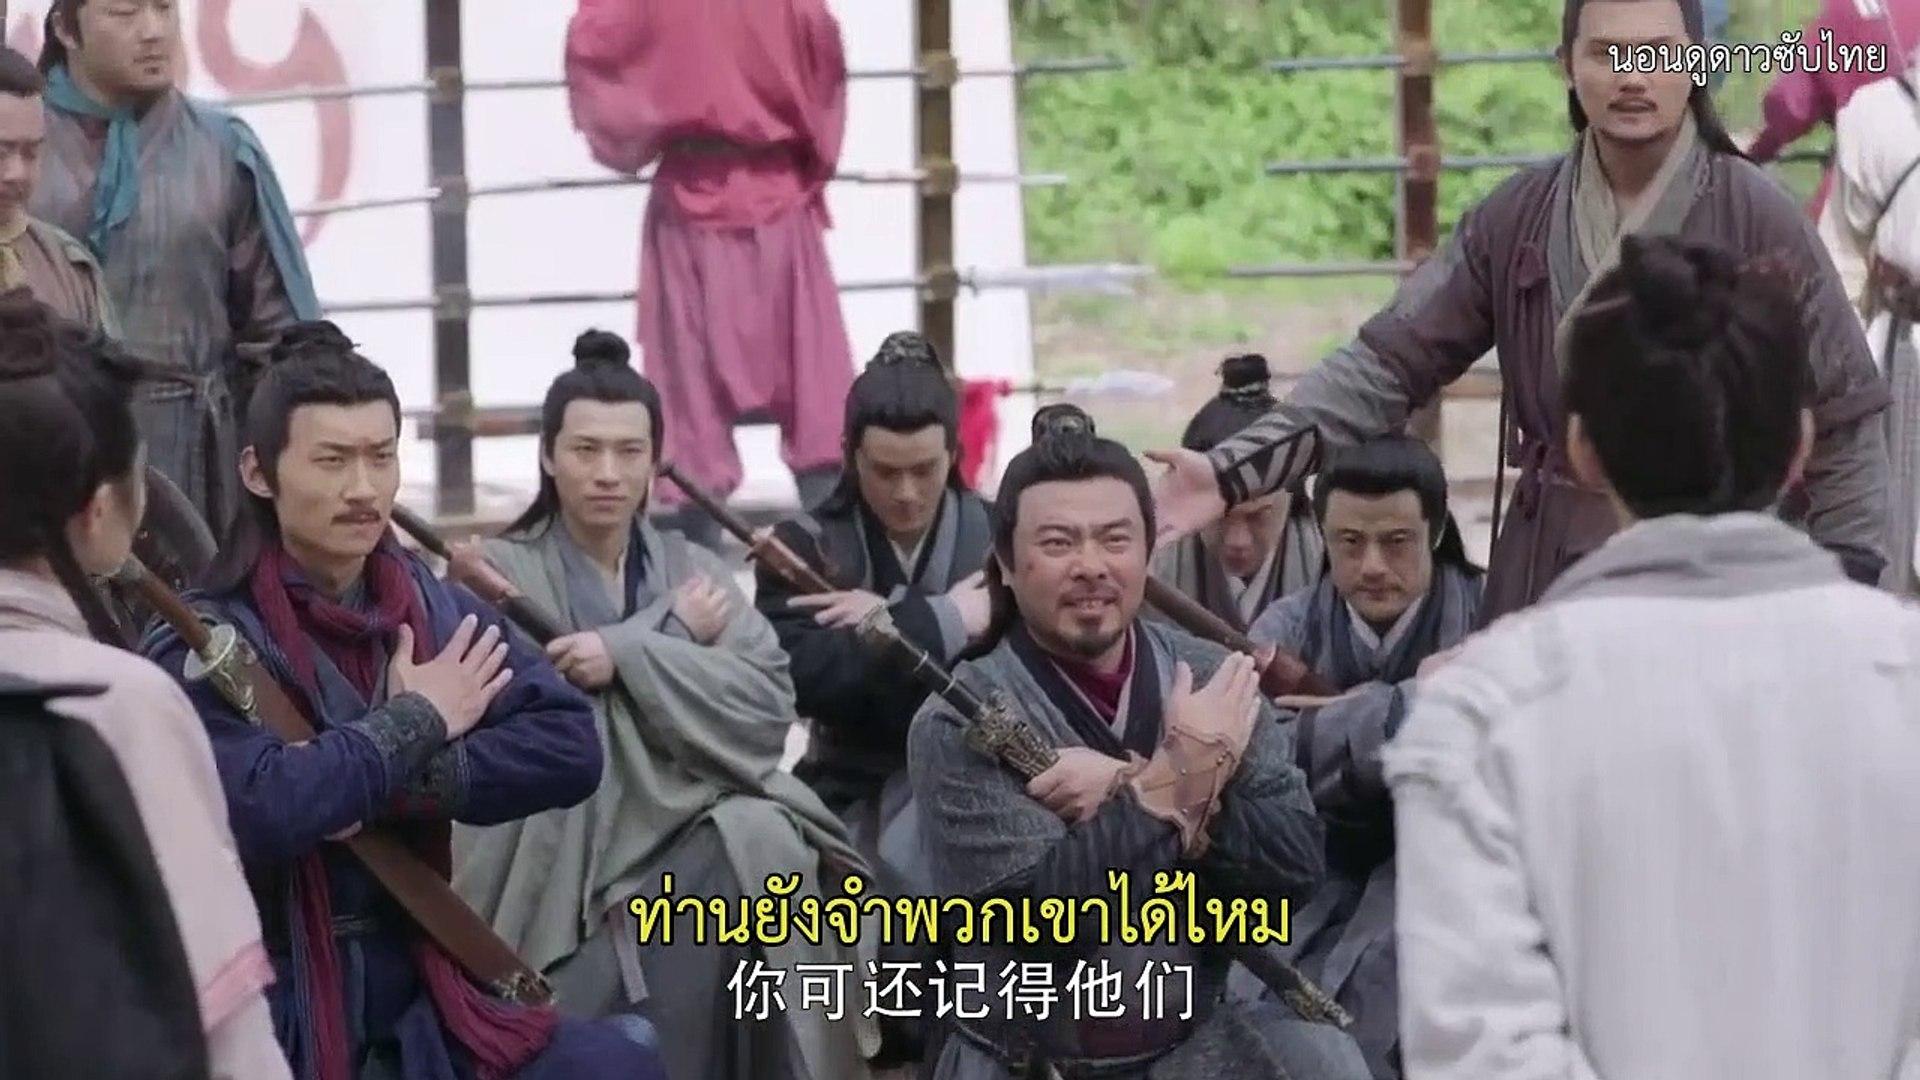 ดาบมังกรหยก2019 ซับไทย ตอนที่ 28